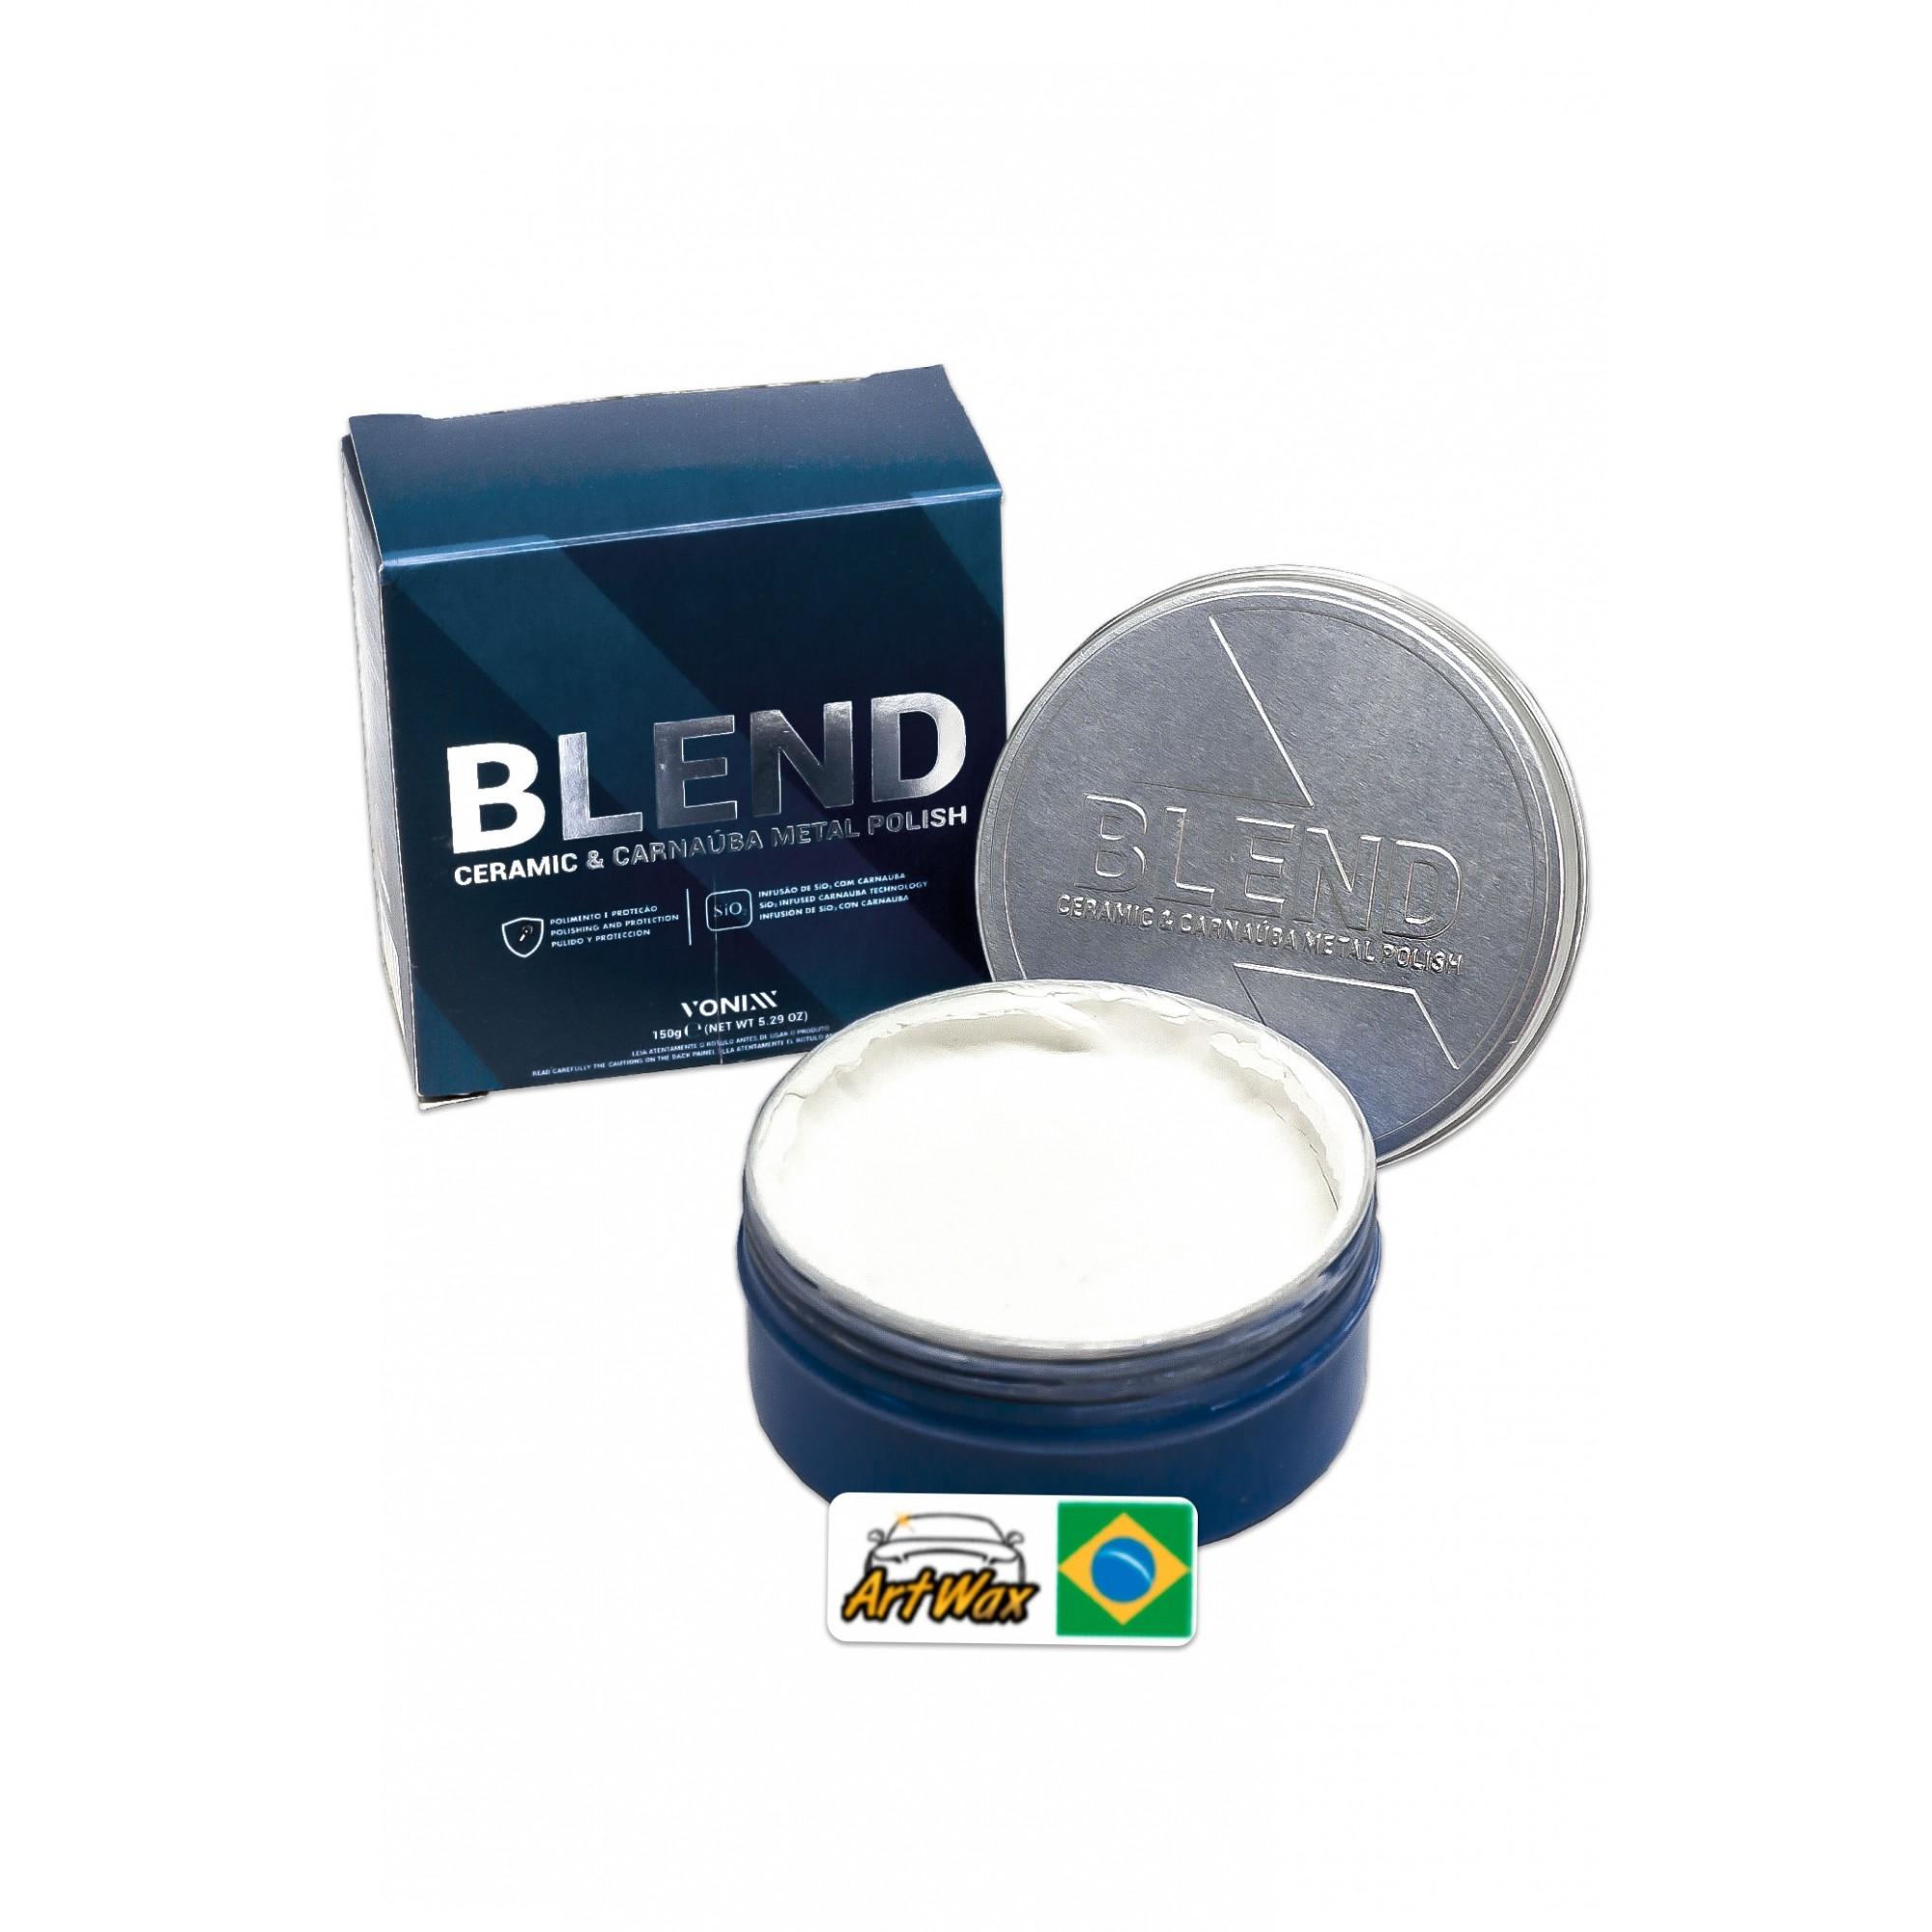 Vonixx Blend Metal Polish 150g - Polidor de Metais e Cromados Com Carnaúba e SiO2